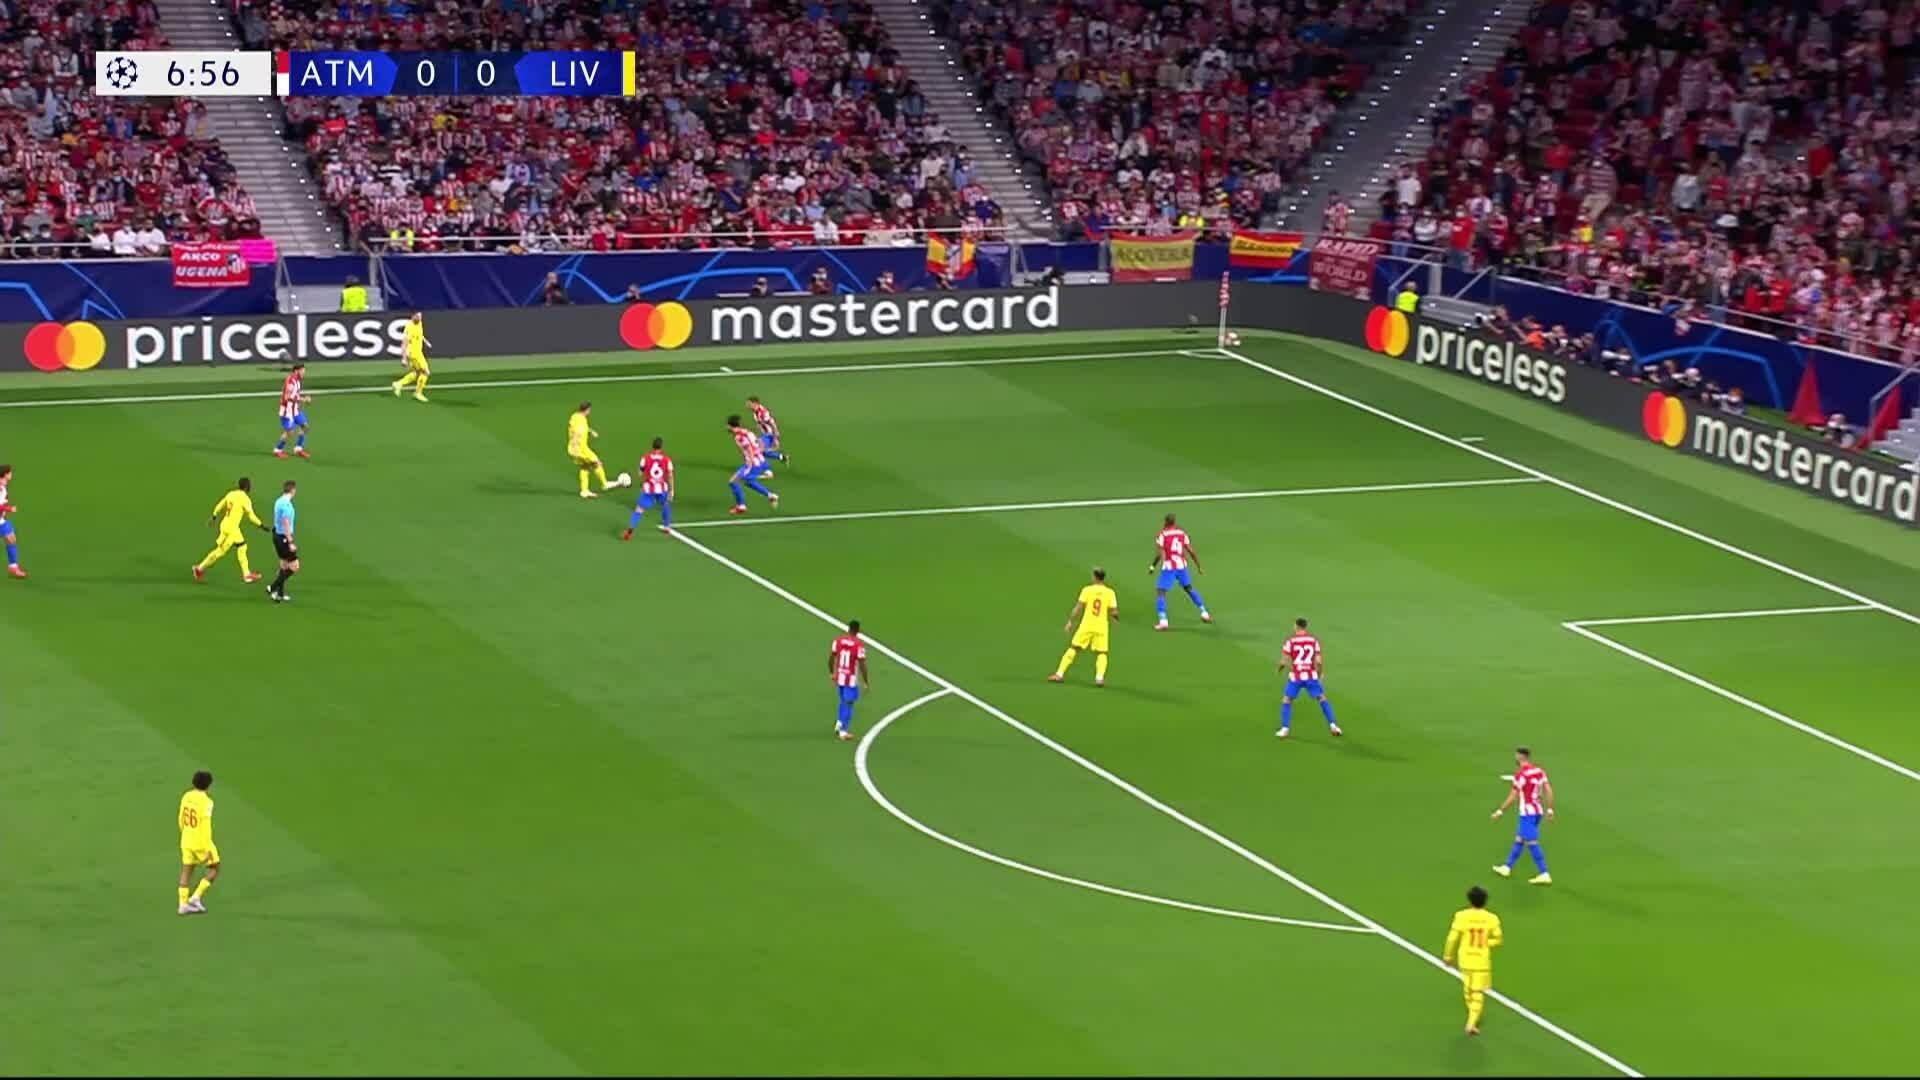 Mestarien liiga, Maalikooste: Atlético Madrid - Liverpool